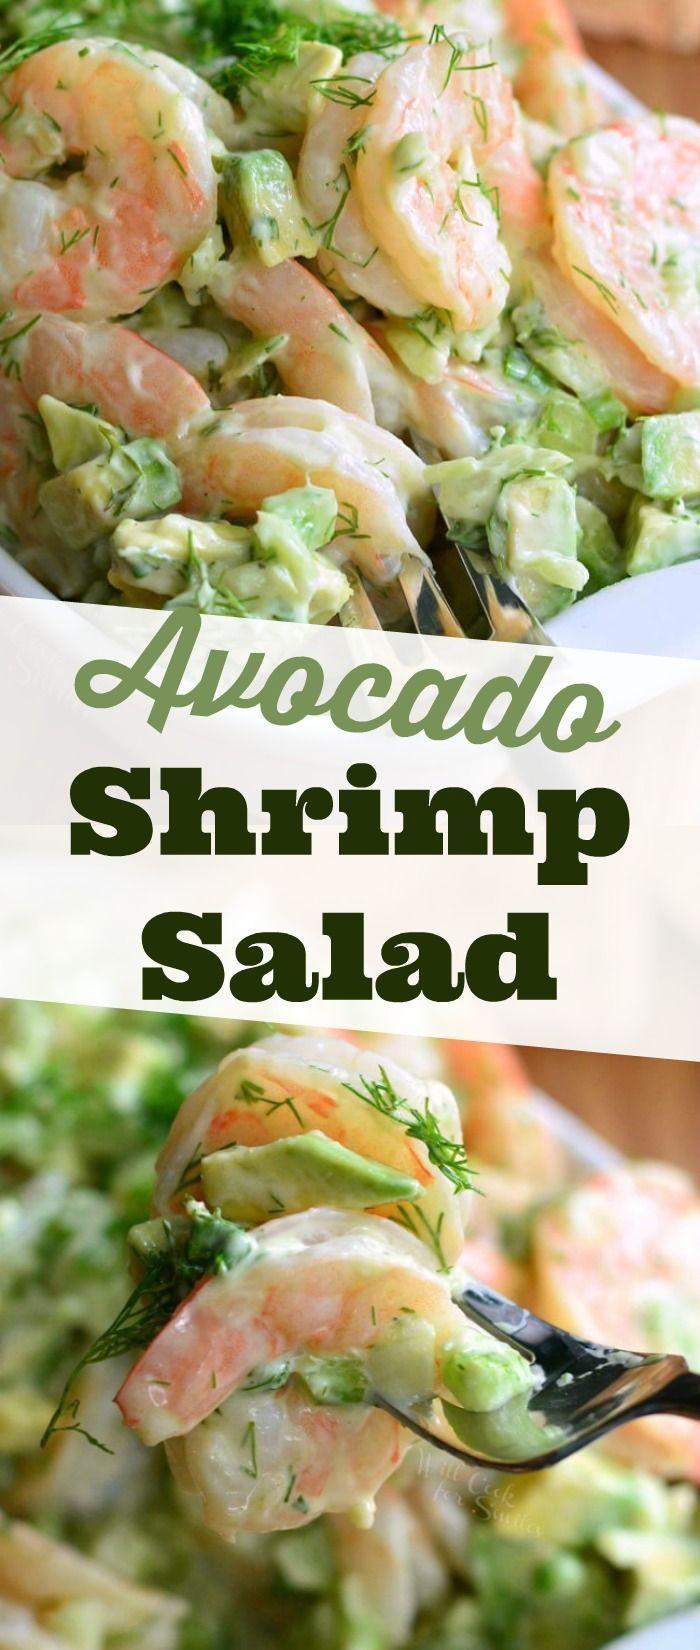 Photo of AVOCADO Shrimp Salad